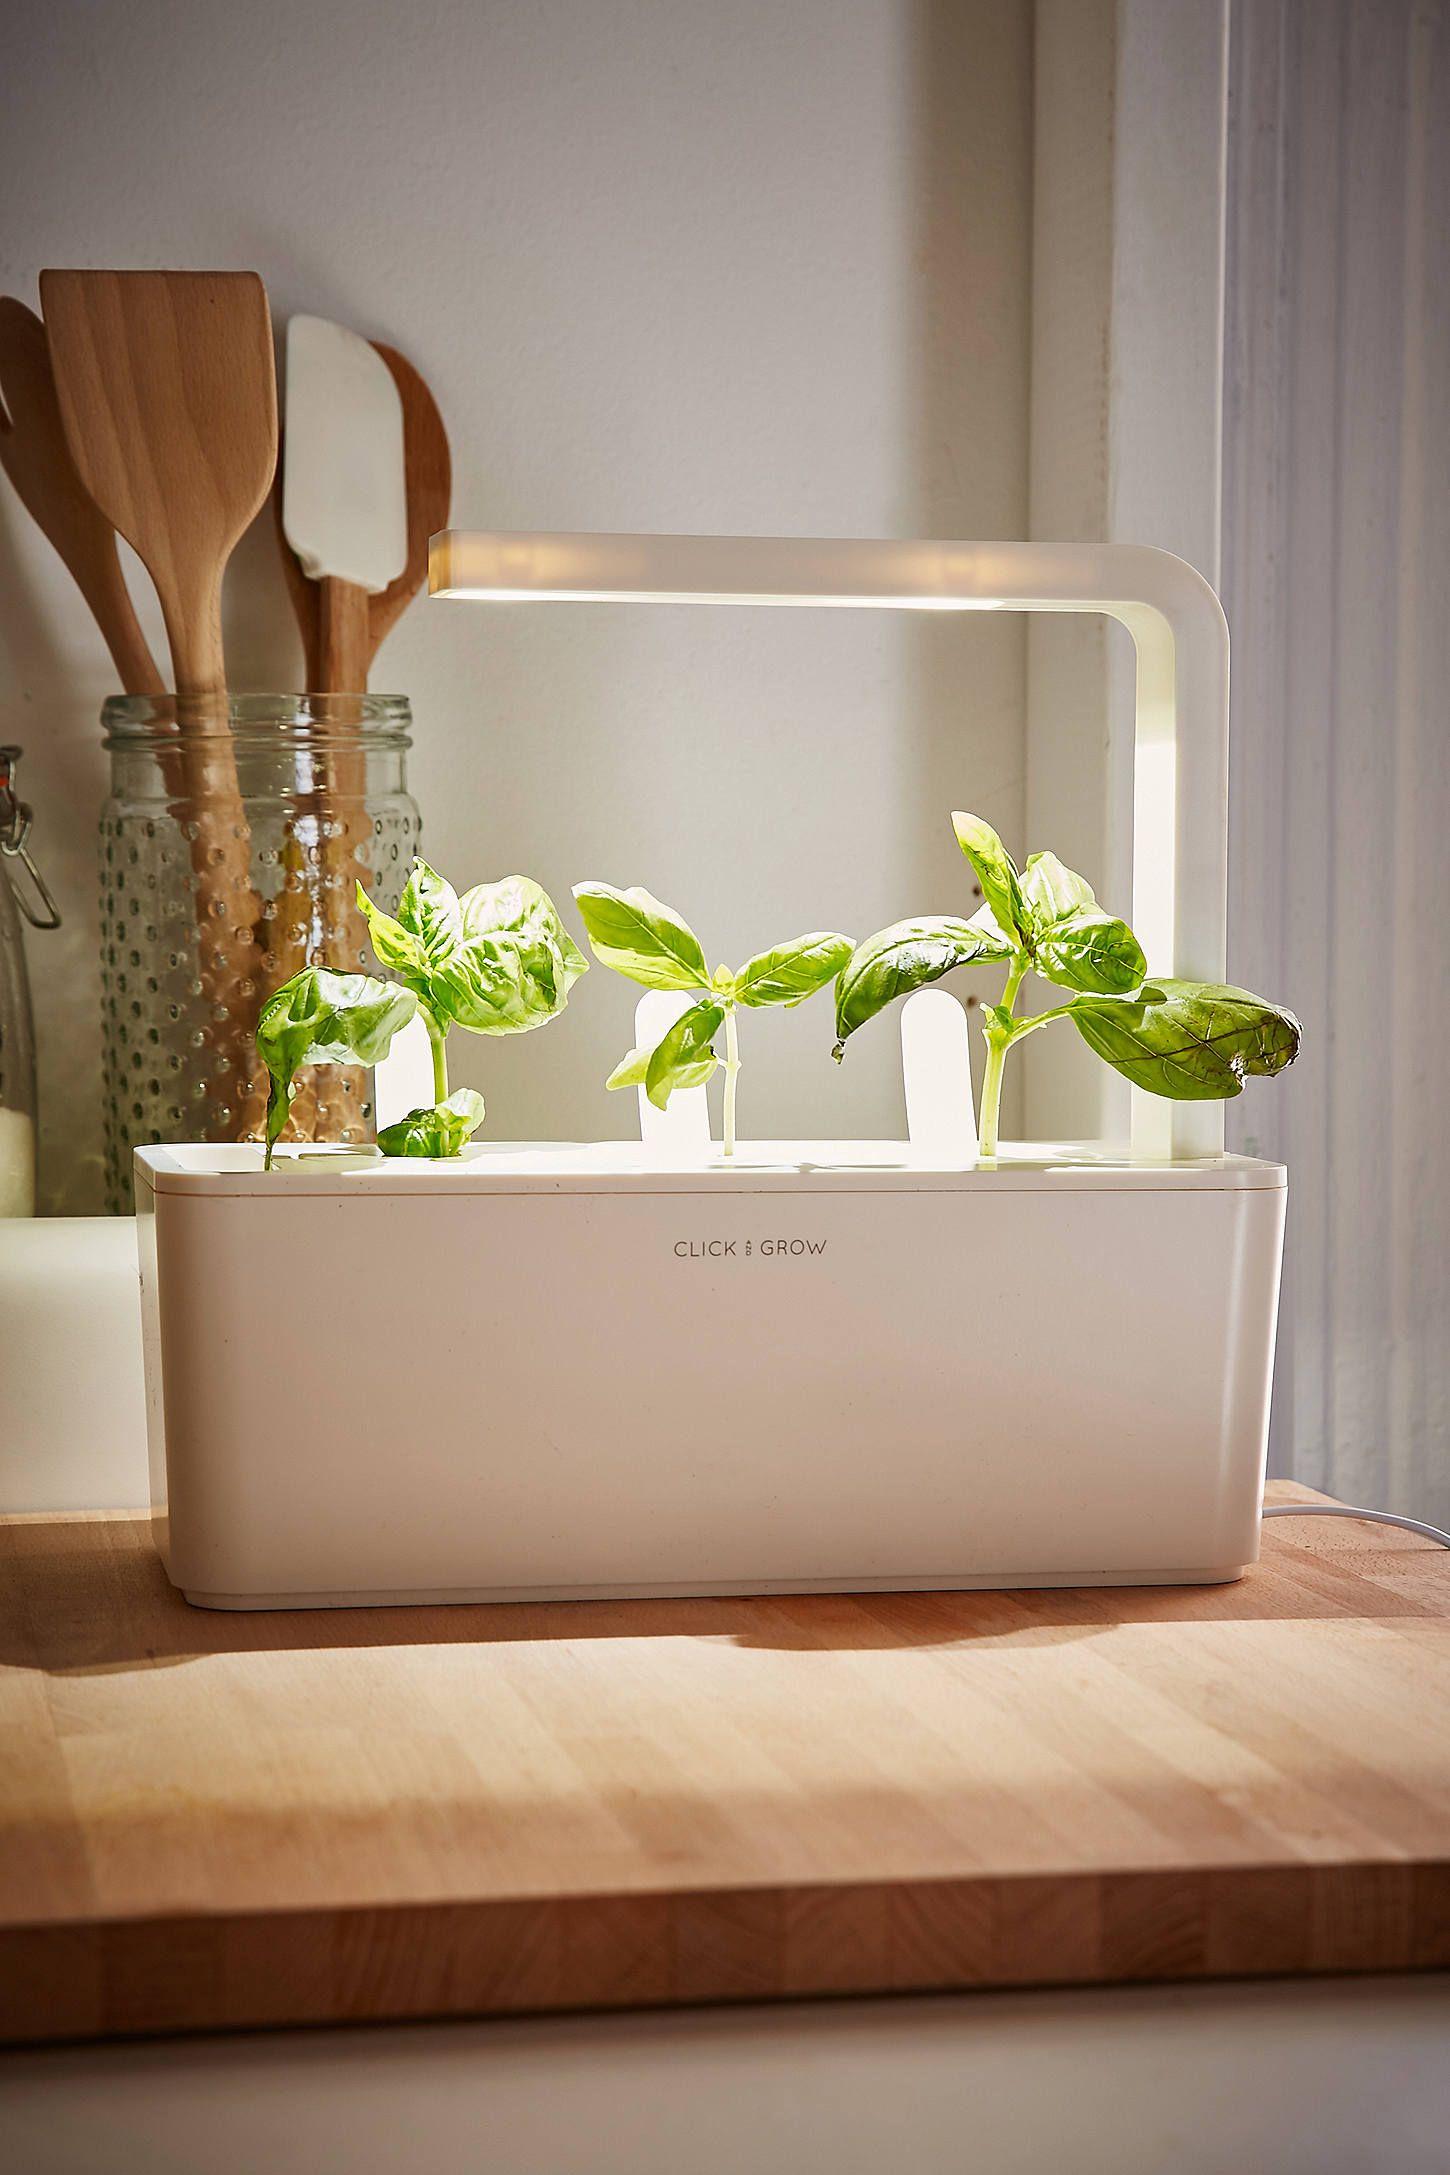 Slide View 1 Click Grow Smart Herb Garden Starter Kit Herb